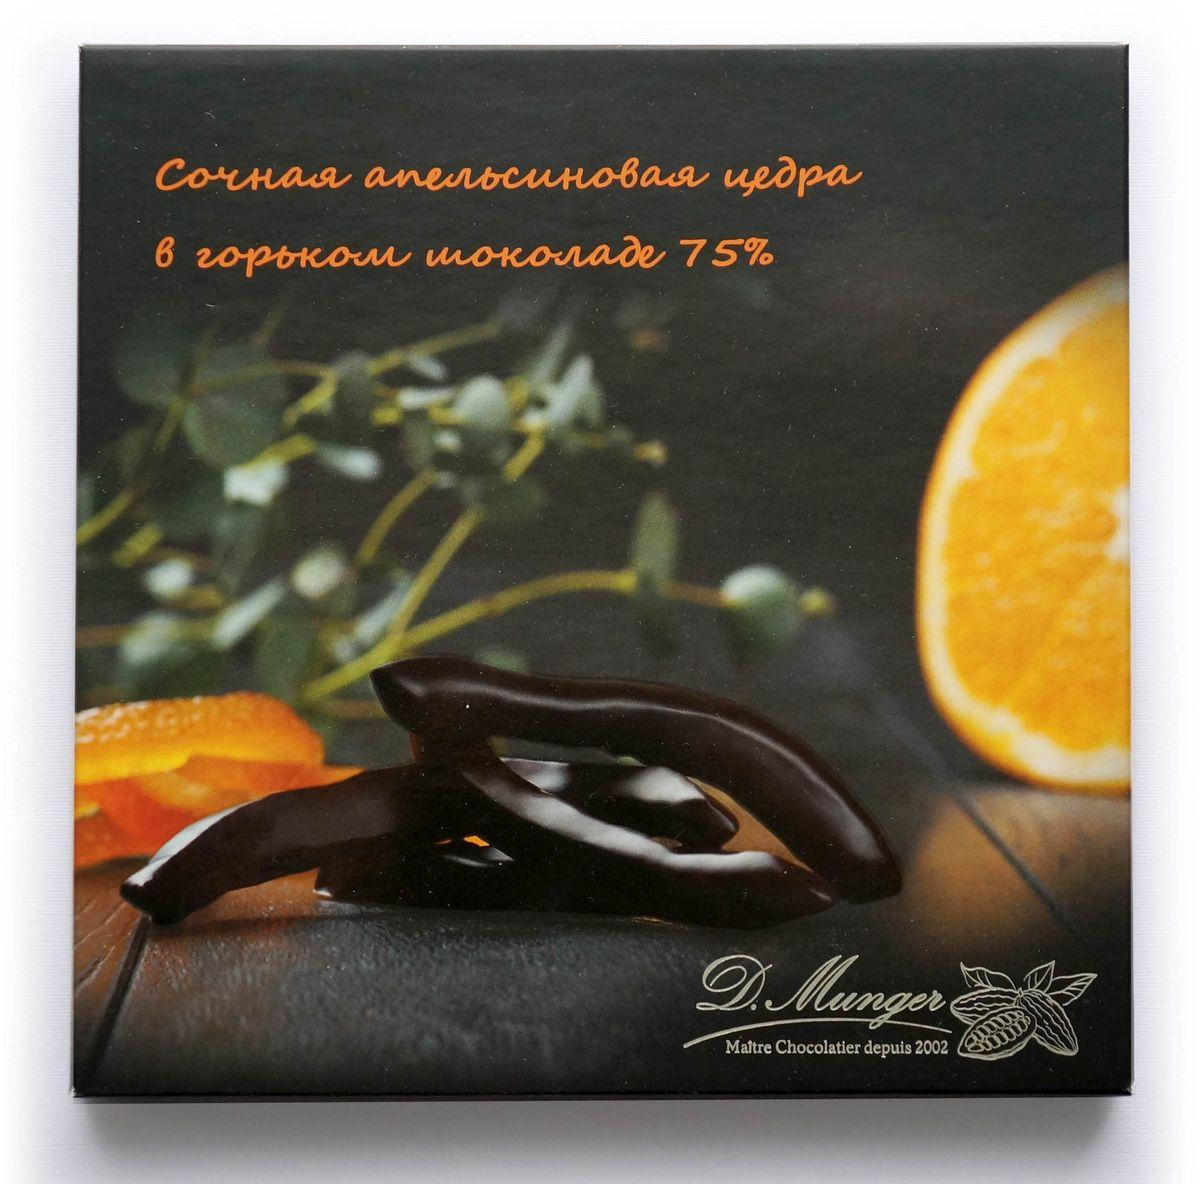 Chocolatier D.Munger цукаты апельсина в горьком шоколаде, 110 г15065Цукаты апельсина в горьком шоколаде Chocolatier D.Munger - это изысканный десерт, который придется по душе настоящим гурманам. Применяются цукаты, не придавленные экстракцией сока, в которых сохранилась все эфирные масла цедры. Цедру вручную отсоединяют из цельного плода сочных апельсинов Калабрии. Цукаты не обсыпаны в декстрозе. Натуральную горечь цукатов подчеркивает тонкий слой 75% горького шоколада, основой которого являются терпкие какао-бобы лучших ганских плантаций.